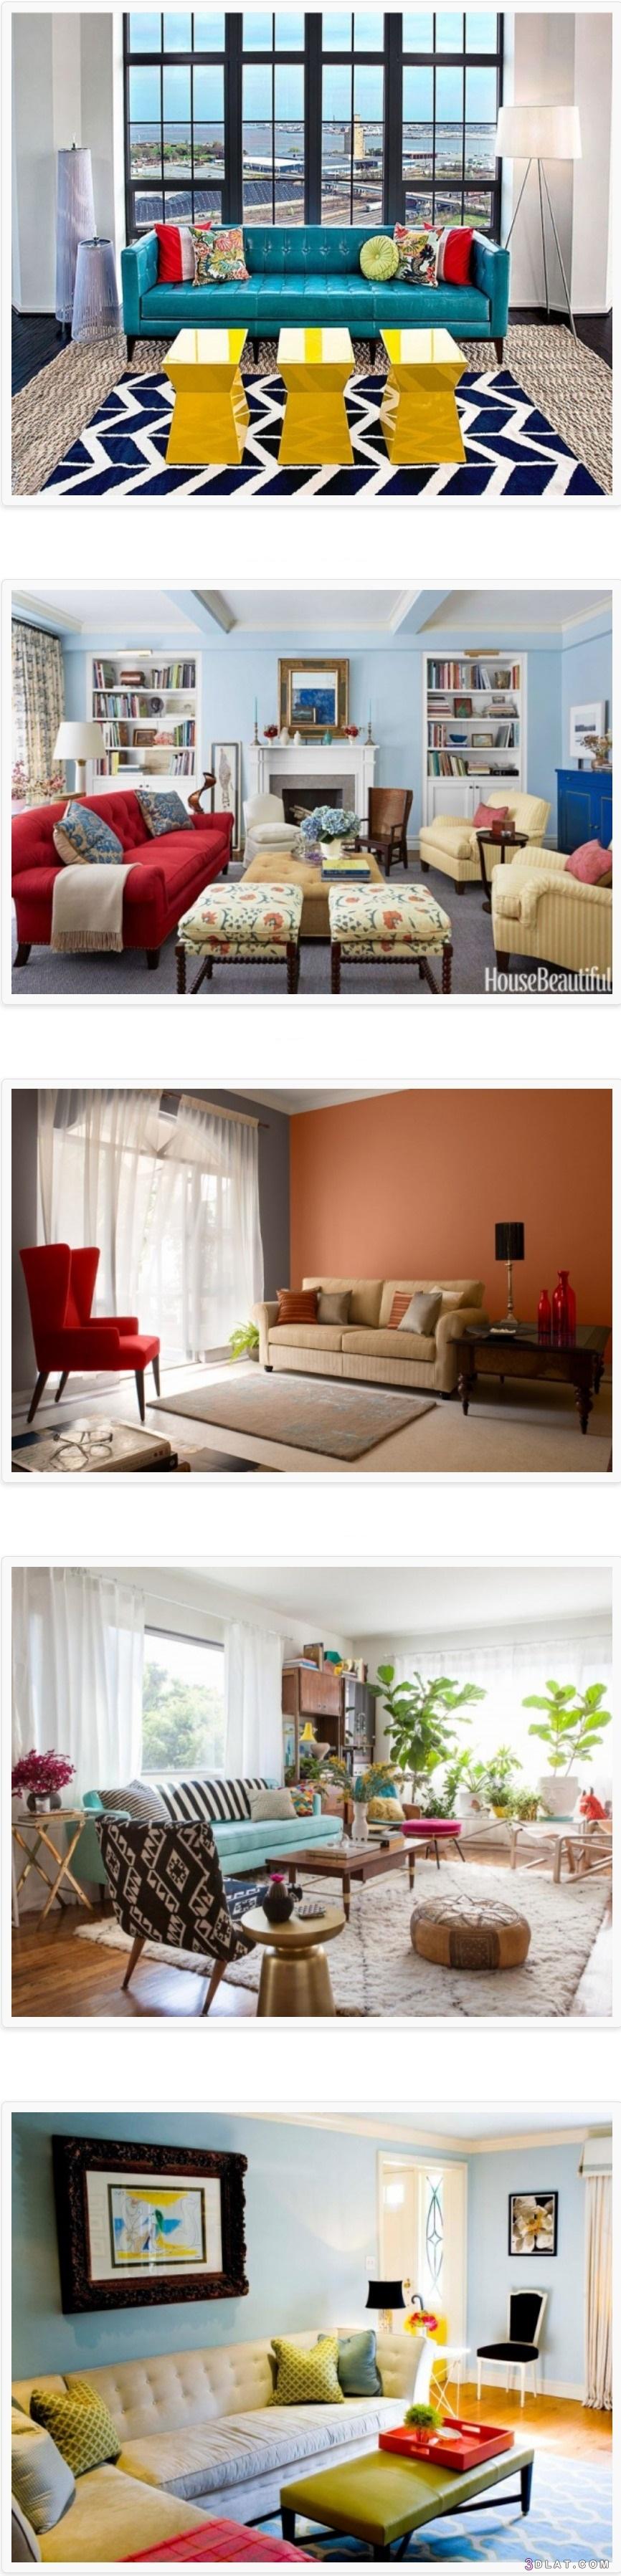 أروع ألوان الجلوس العصرية بالصور 3dlat.com_16_19_43ab